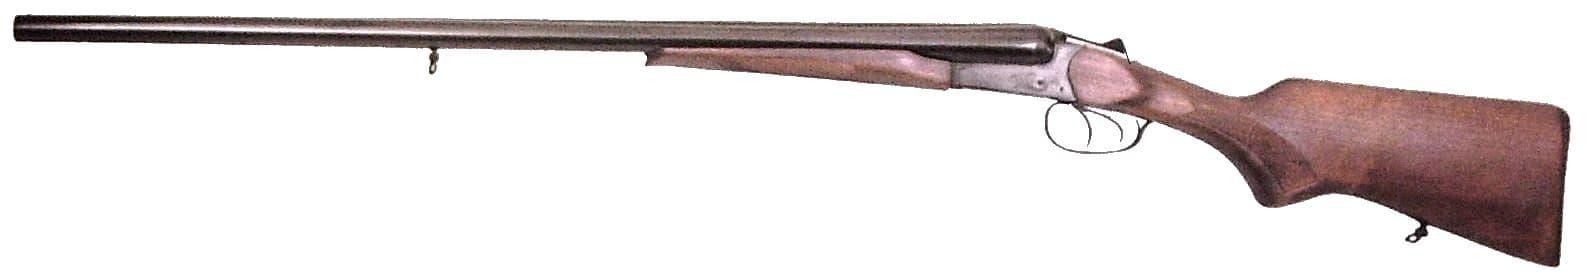 Охотничье двуствольное ружье ИЖ-43, izh-43. Производились на Ижевском механическом заводе.